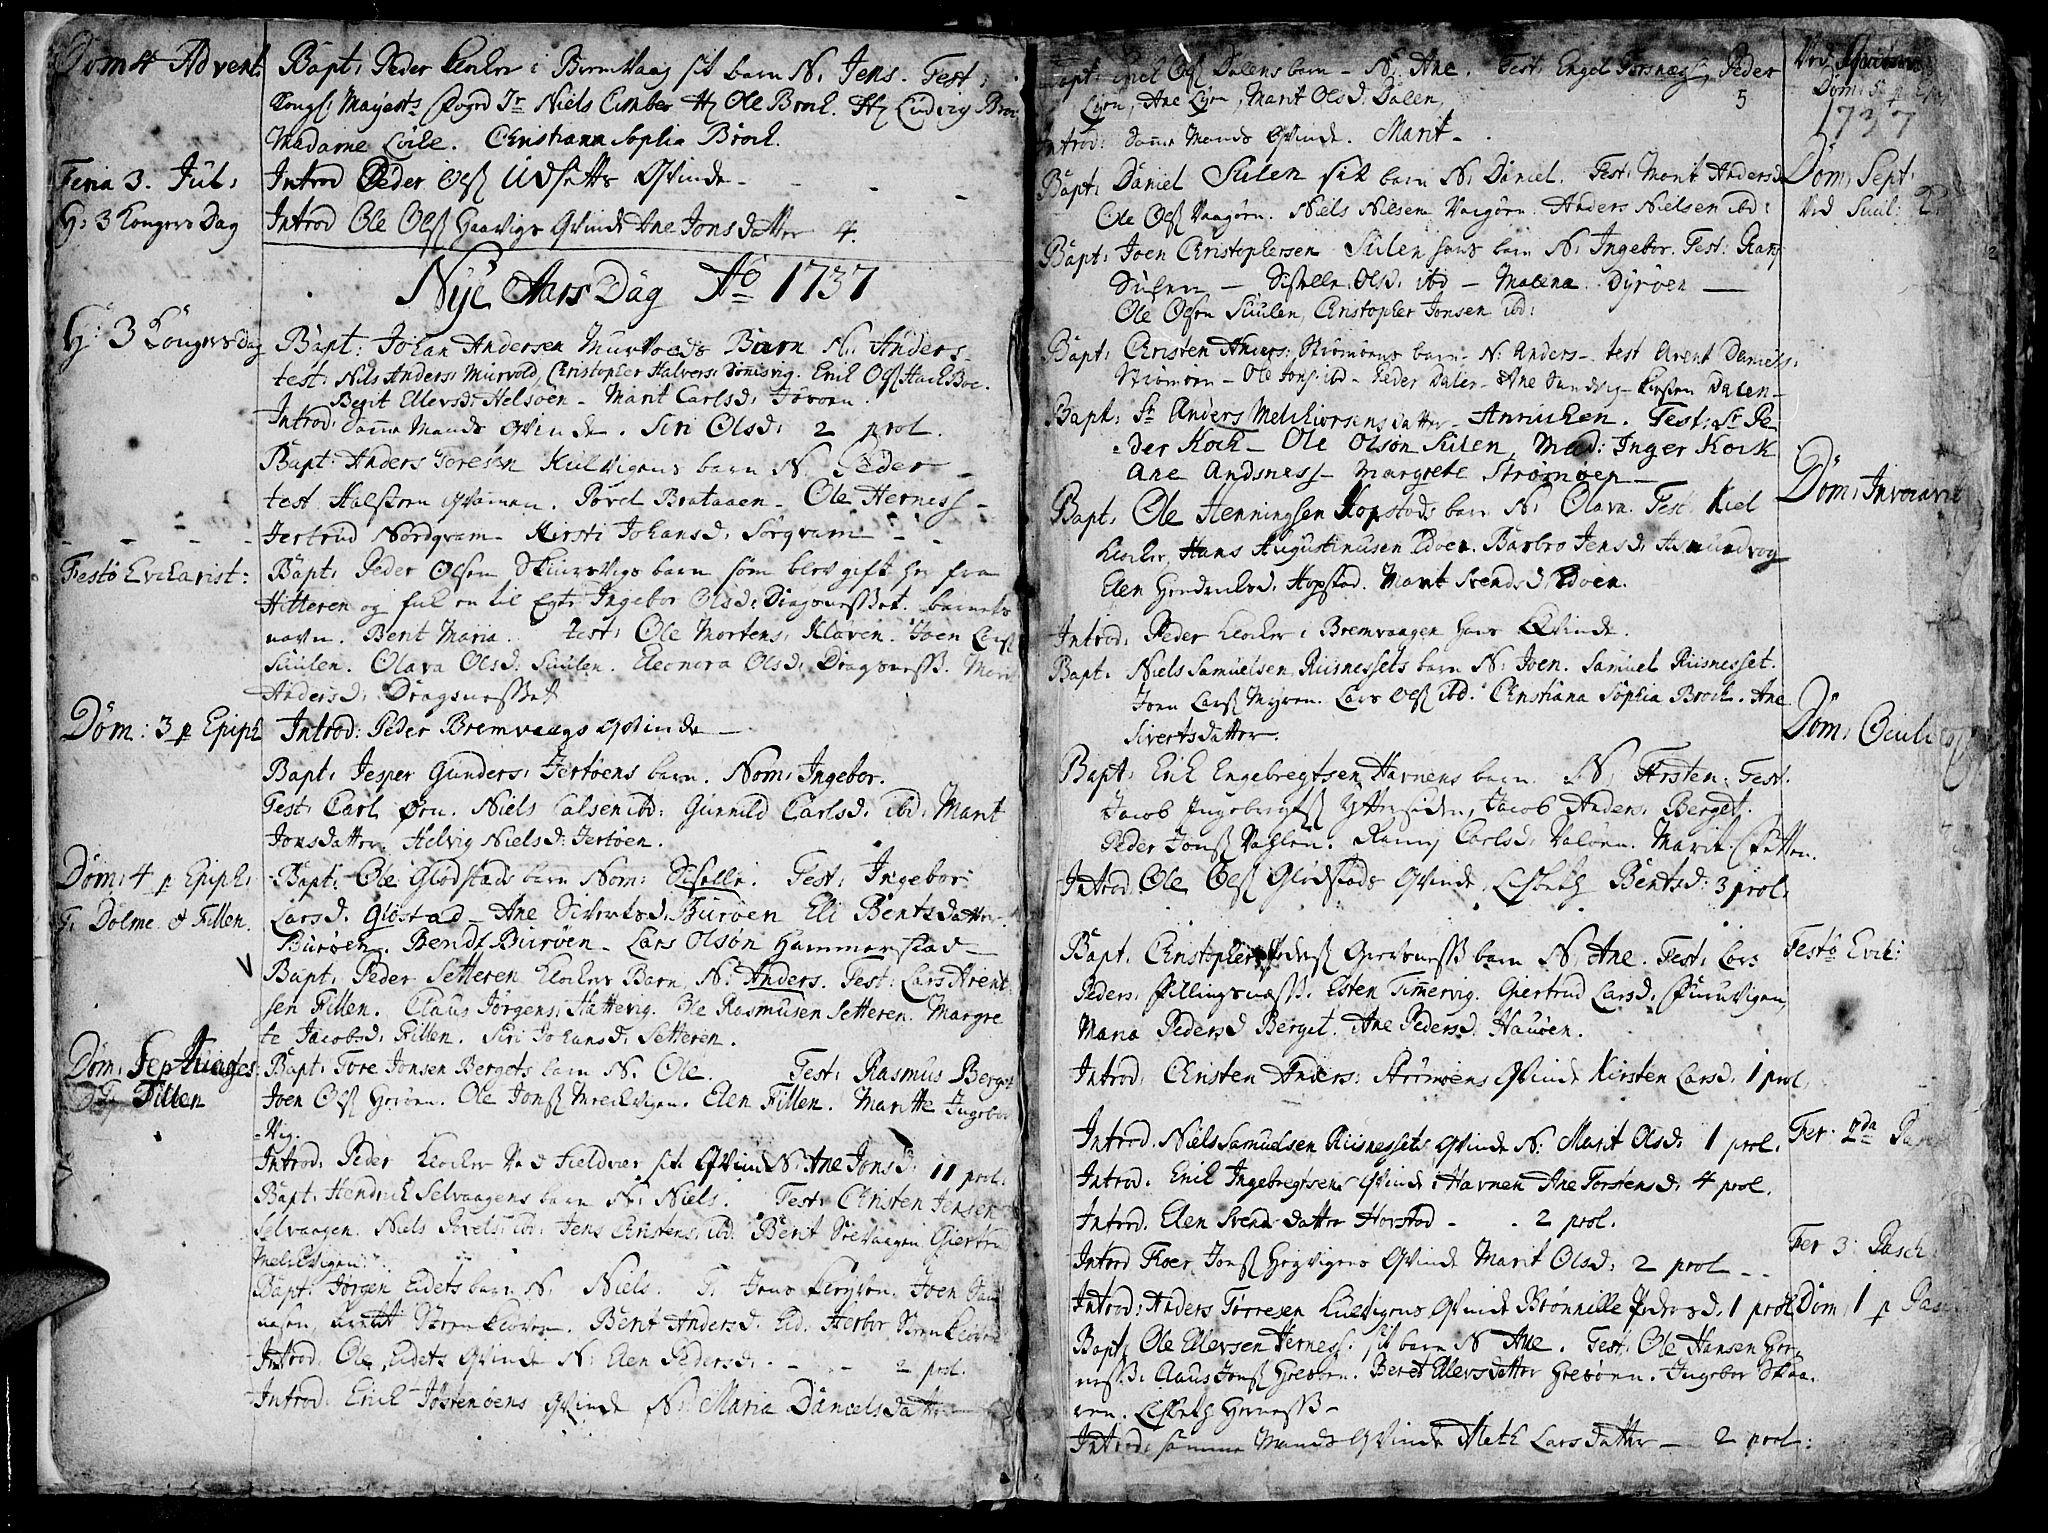 SAT, Ministerialprotokoller, klokkerbøker og fødselsregistre - Sør-Trøndelag, 634/L0525: Ministerialbok nr. 634A01, 1736-1775, s. 5